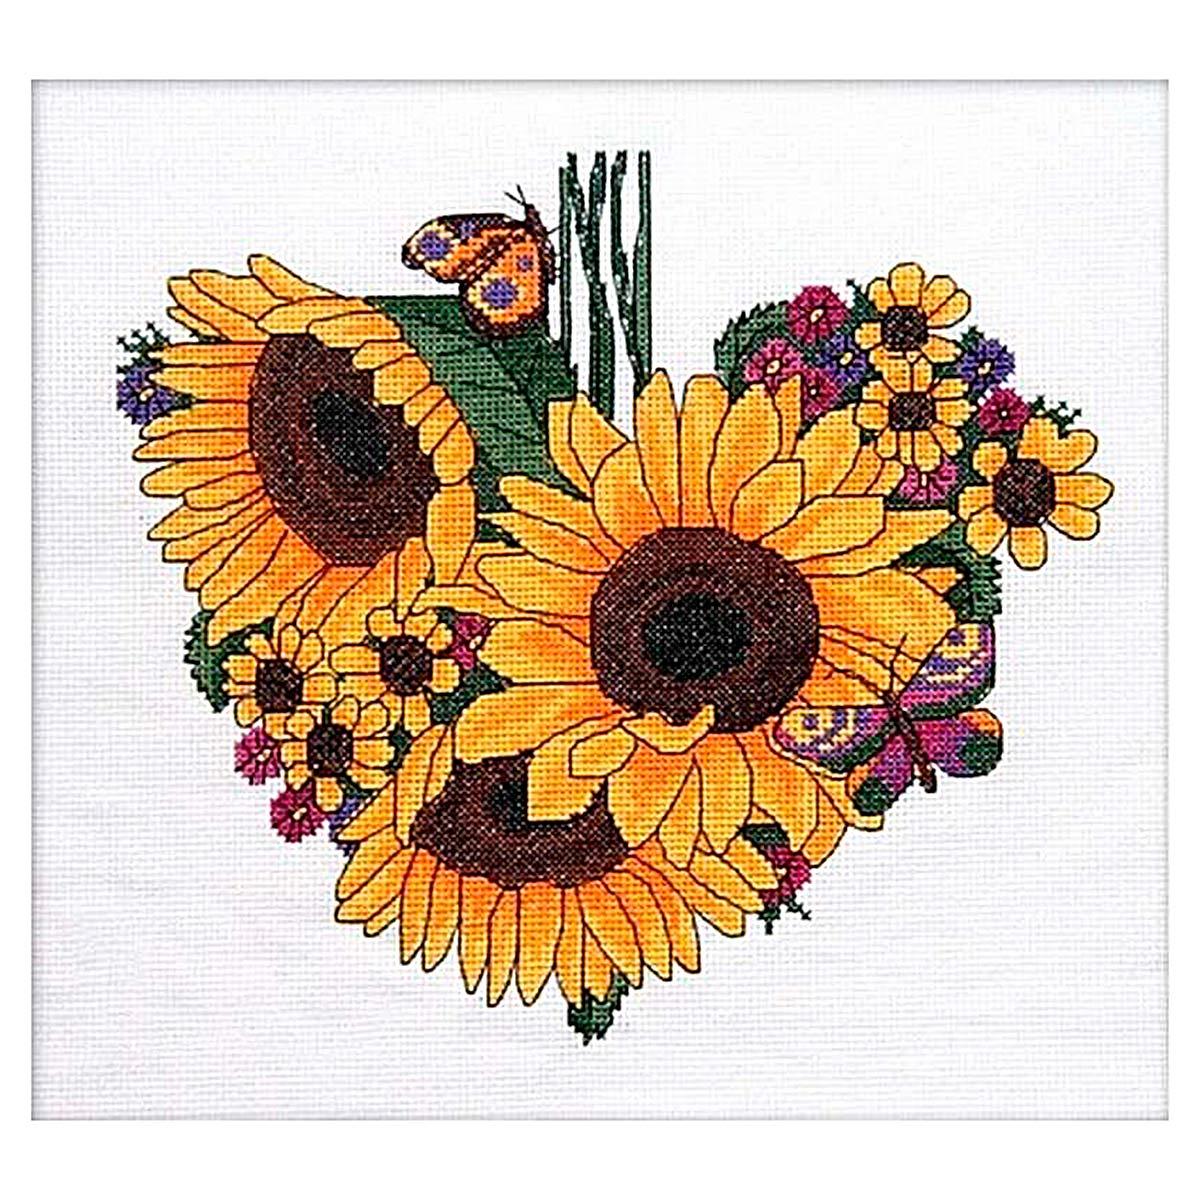 013 Набор для вышивания крестом Astrea 'Подсолнечное сердце. Сентябрь' 25х23см